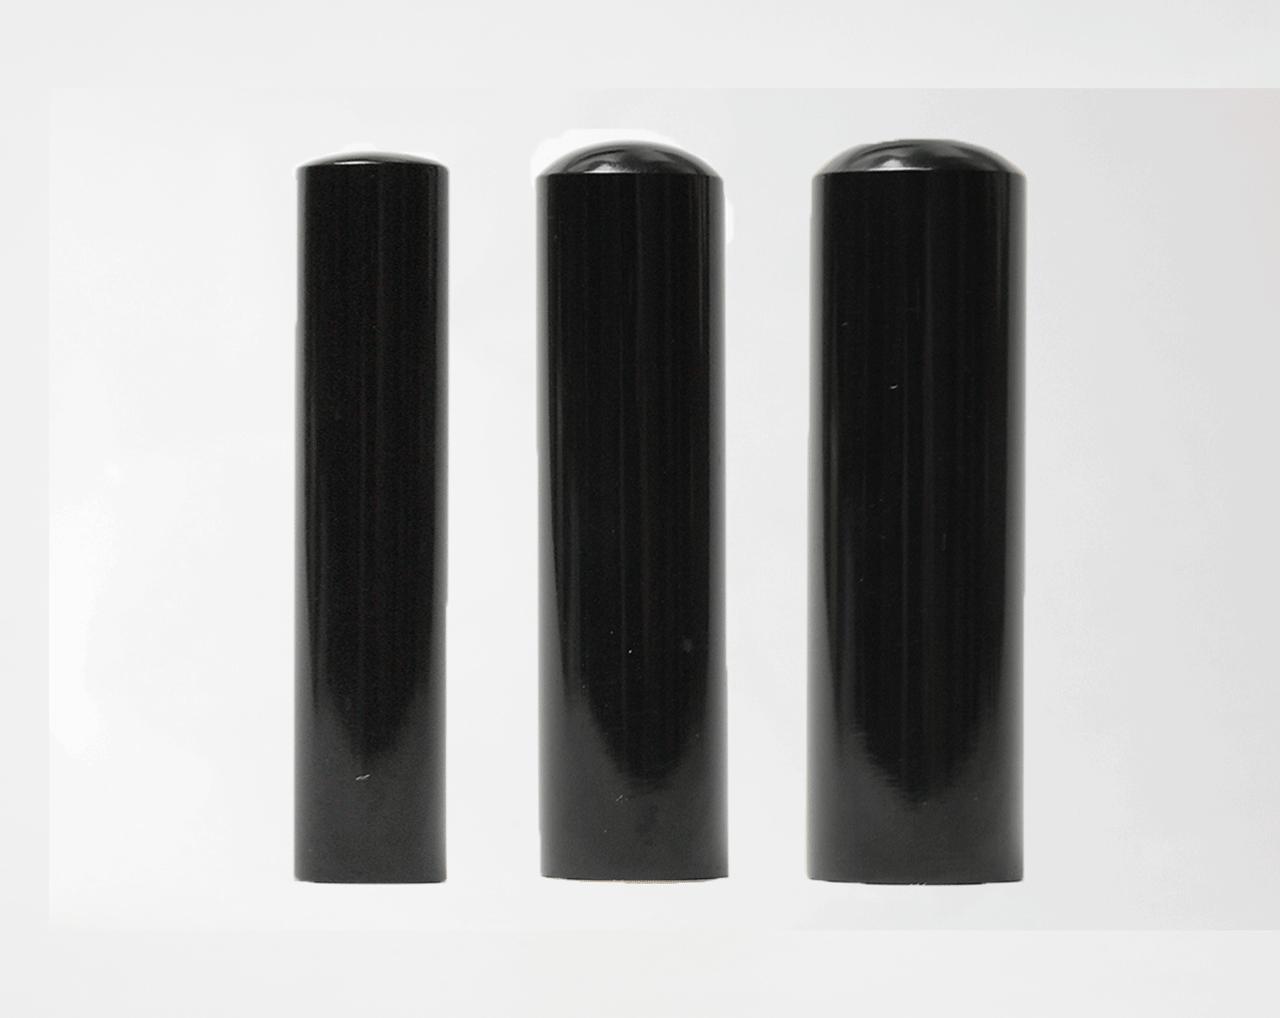 個人印鑑2本セット 黒水牛(寸胴) 専用ケース付き